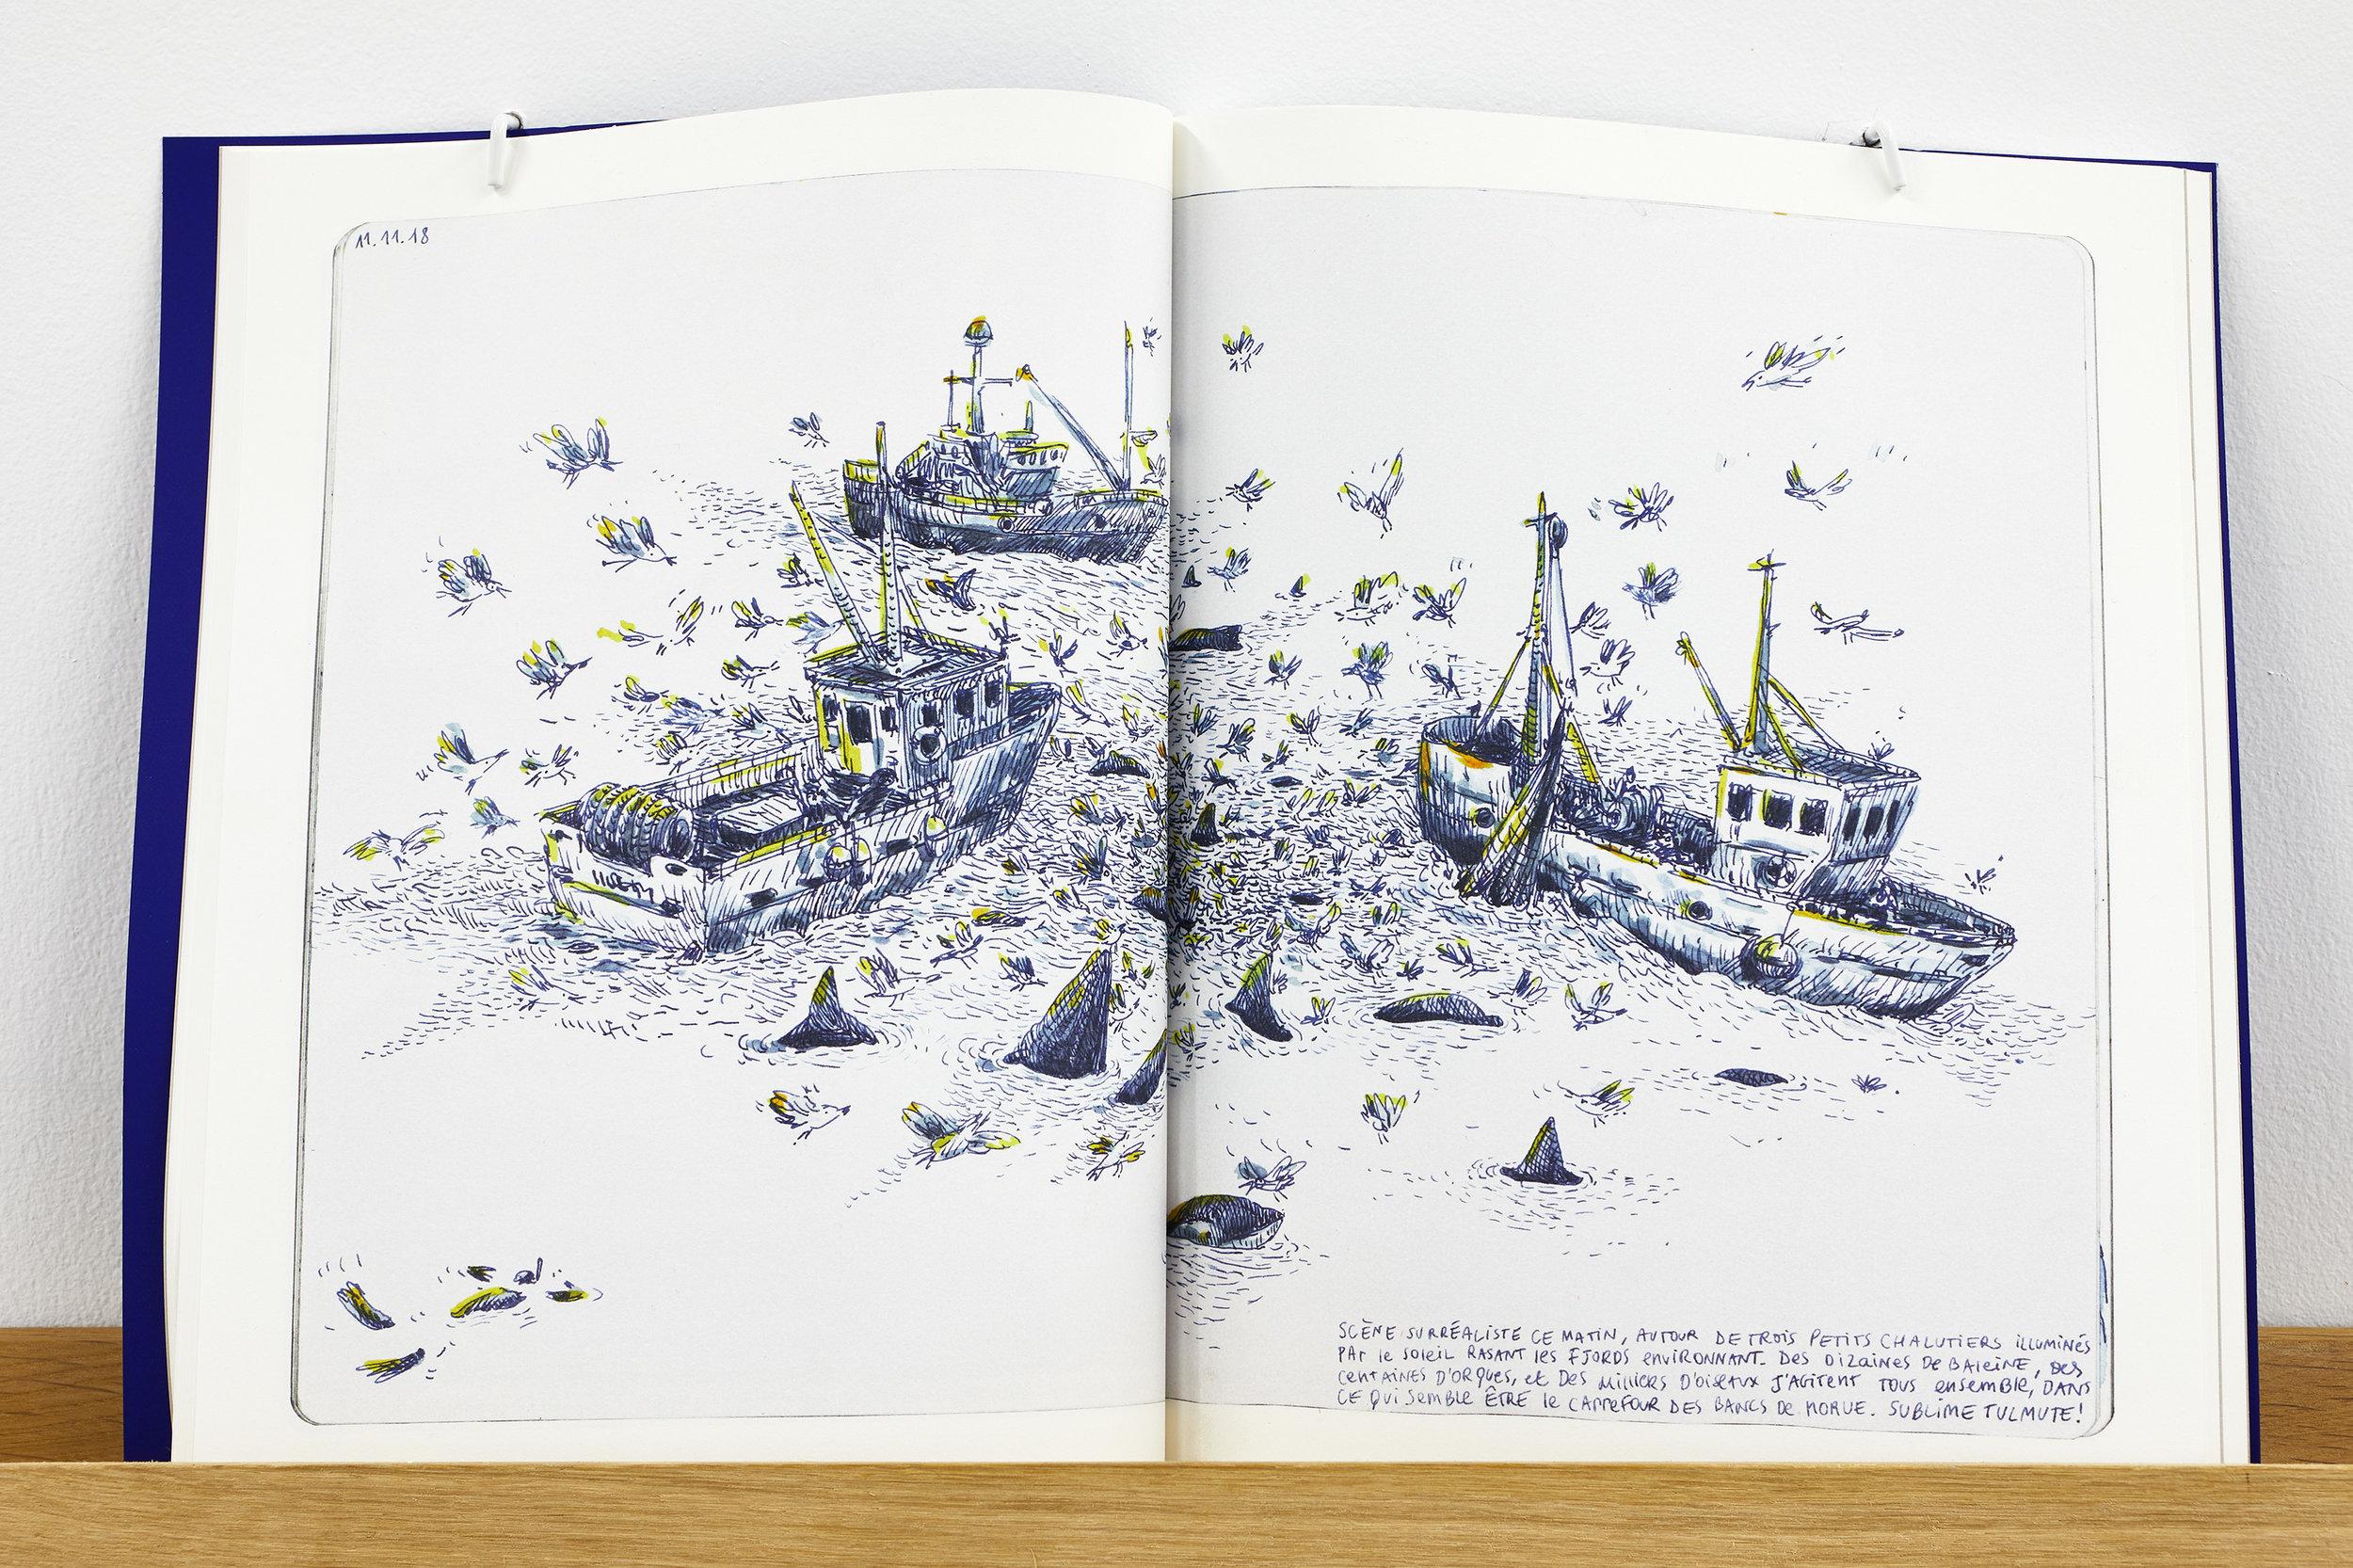 ELSA GUILLAUME, CARNET POLARFRONT - NEW YORK, 2019, impression numérique, couverture découpe lazer, 21,7 x 28,5 cm, 120 pages